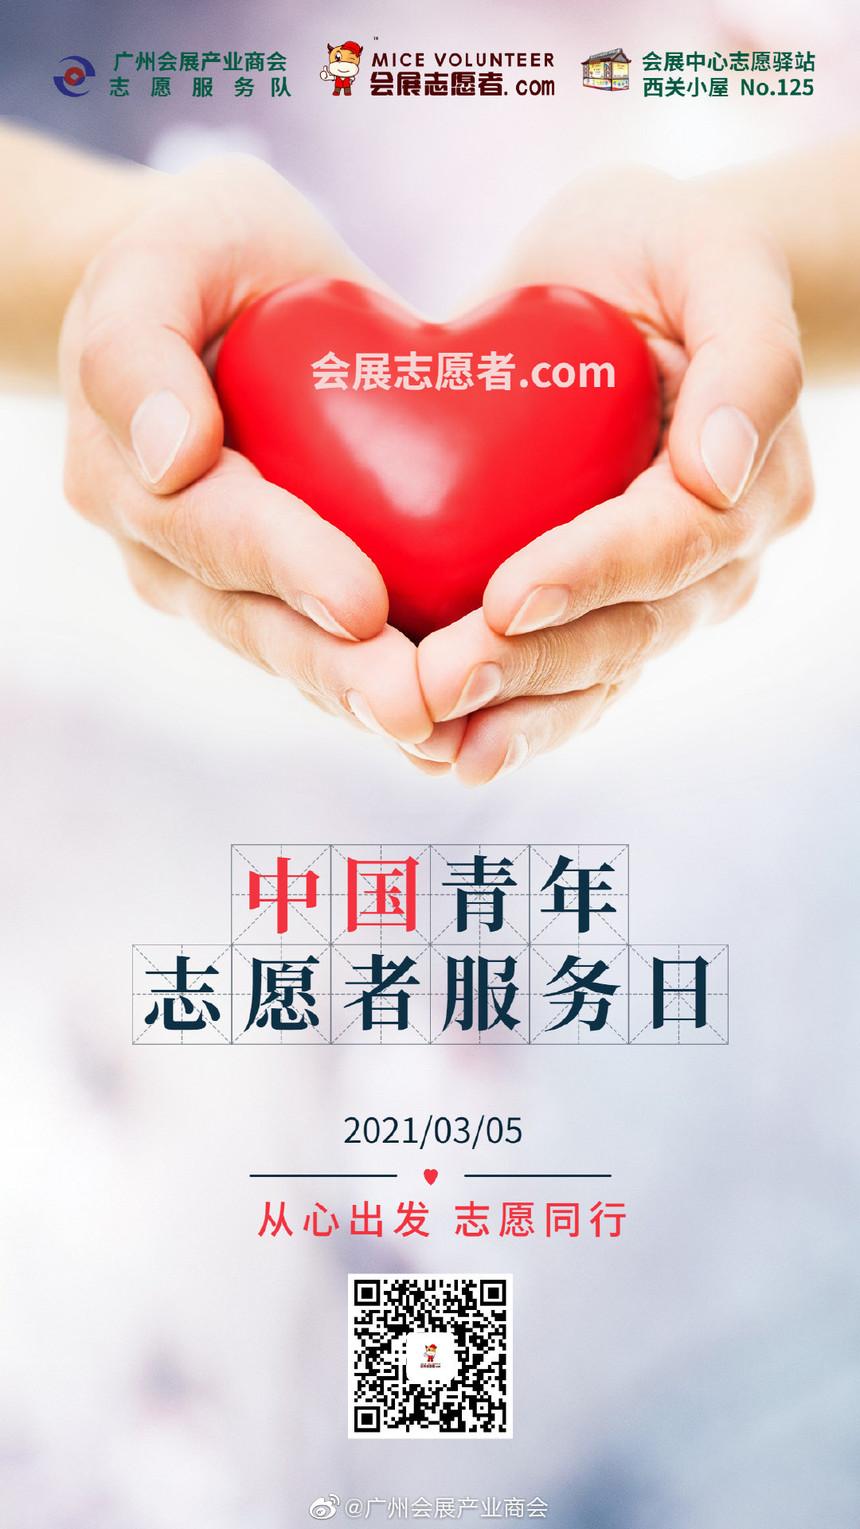 中国青年志愿者服务日手机海报.jpg